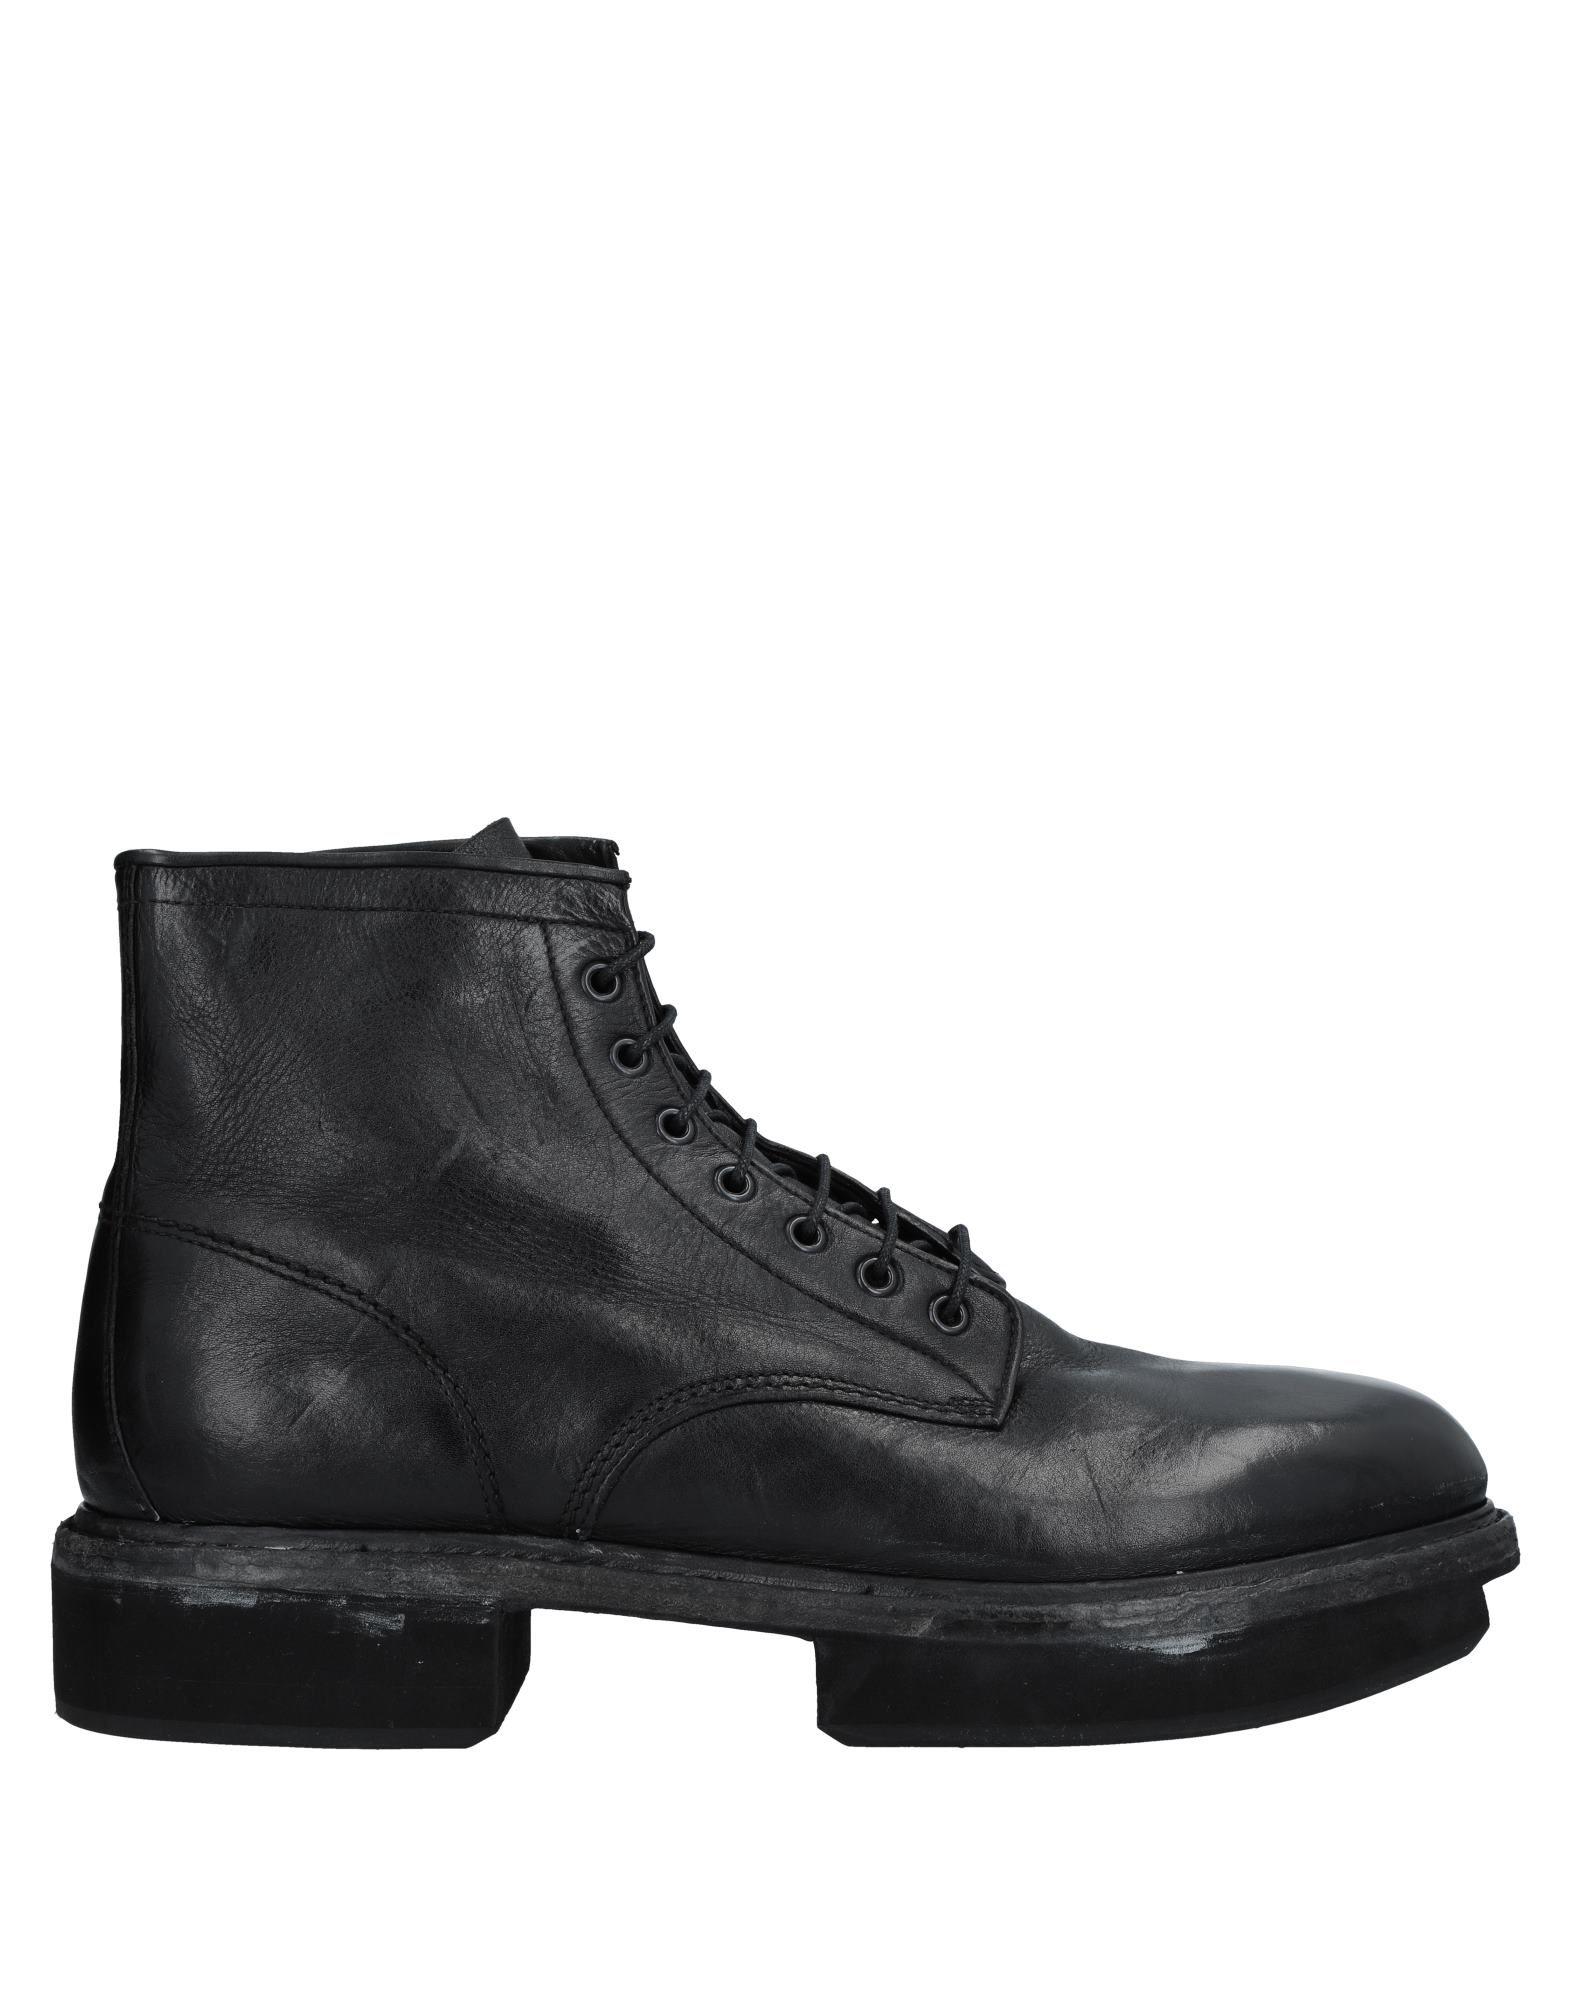 Premiata Stiefelette Herren  11530867XP Gute Qualität beliebte Schuhe